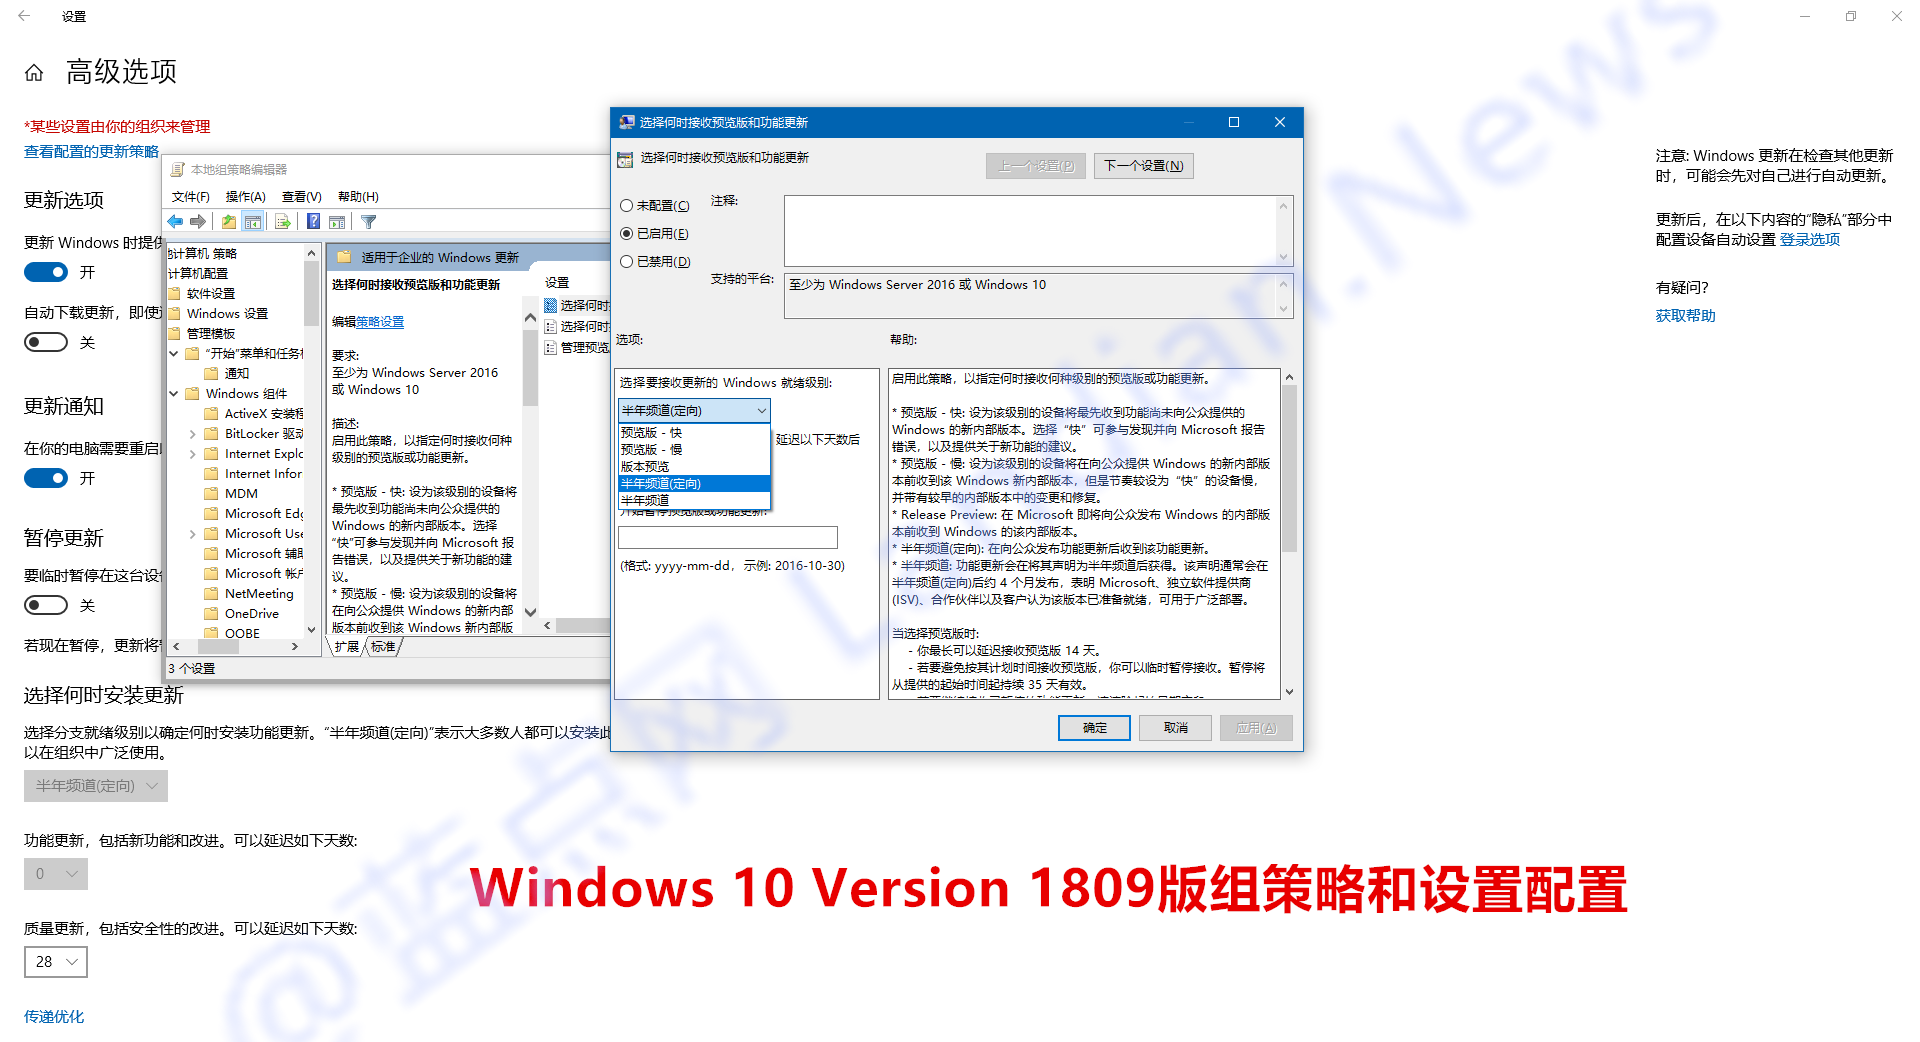 微软调整 Windows 10 半年频道并删除半年频道(定向)